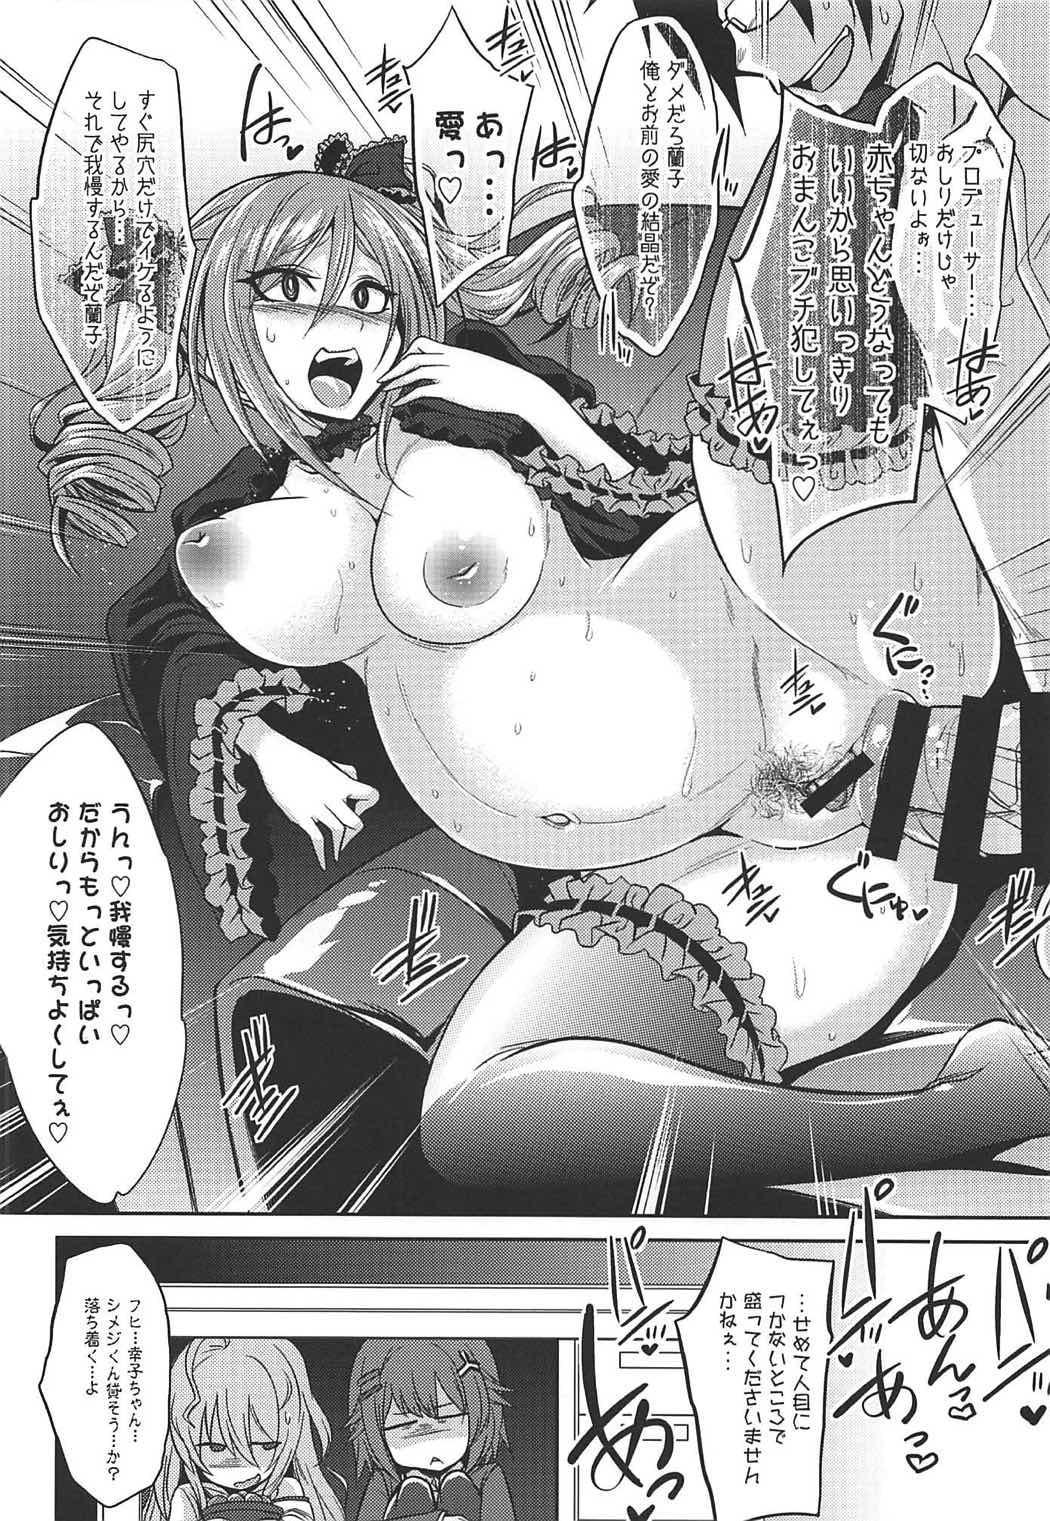 Datenshi no Chronicle 22